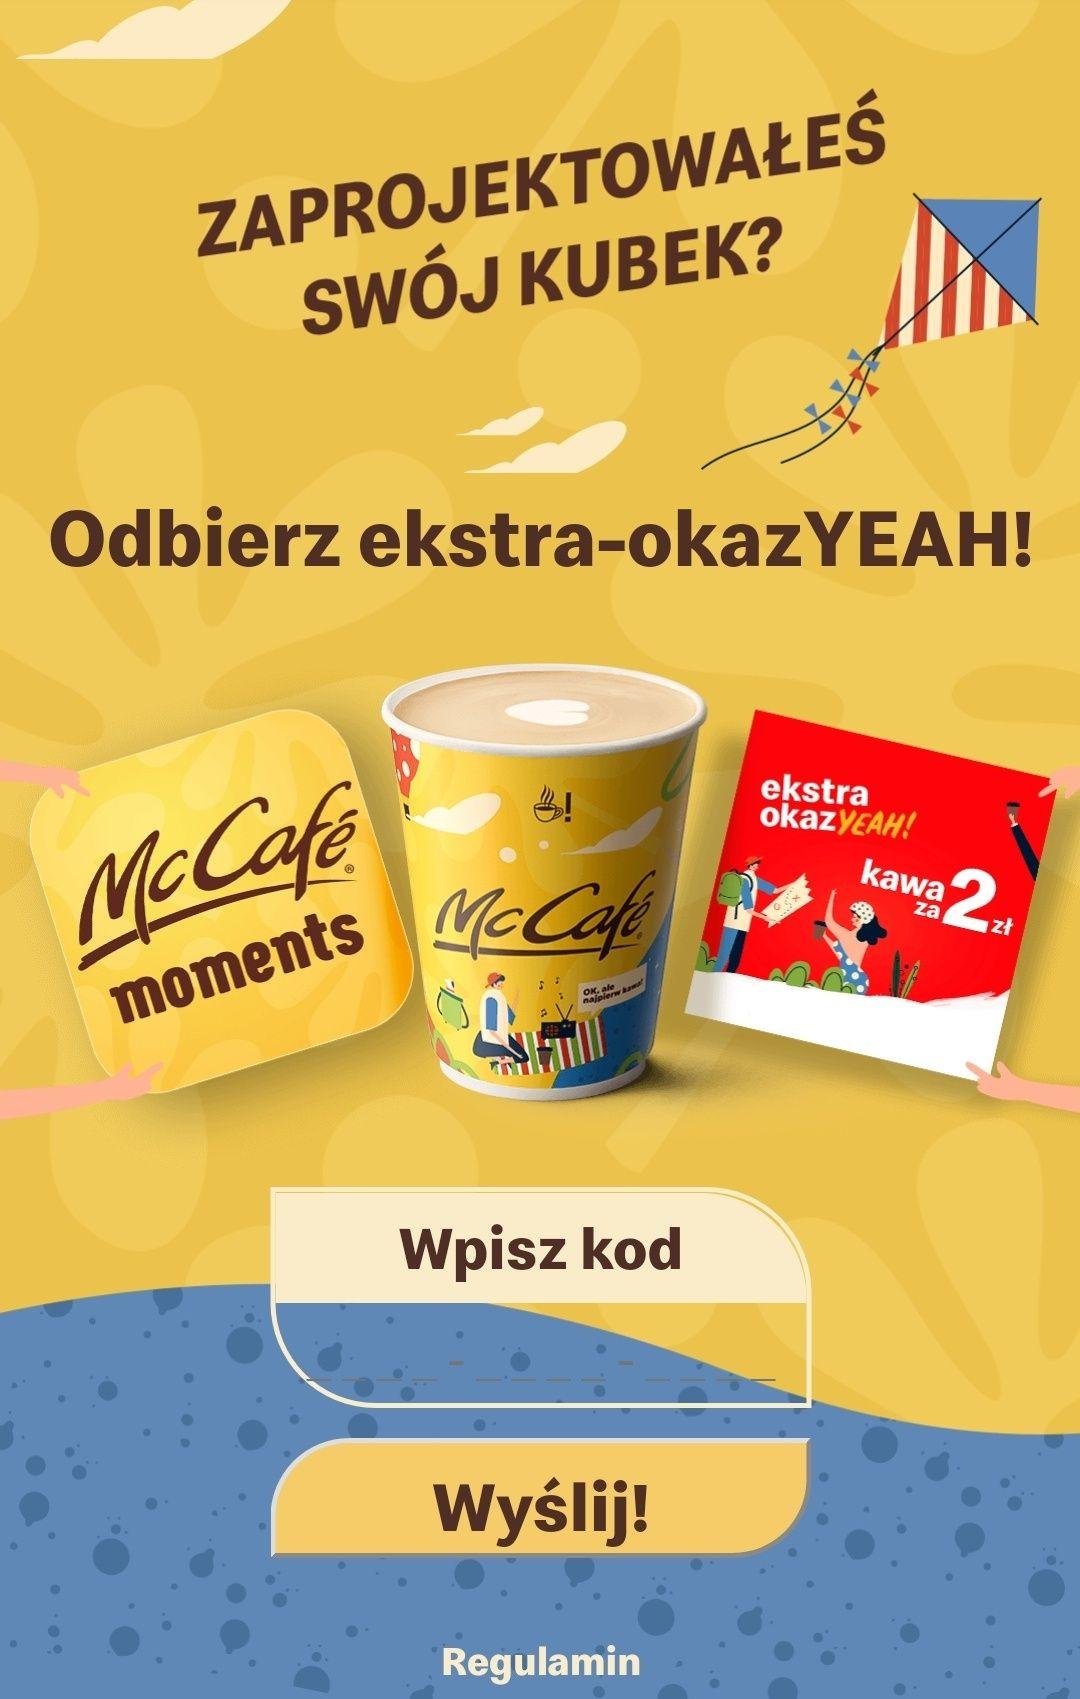 Kawa McCafe za 2zł w esktra okaz-YEAH